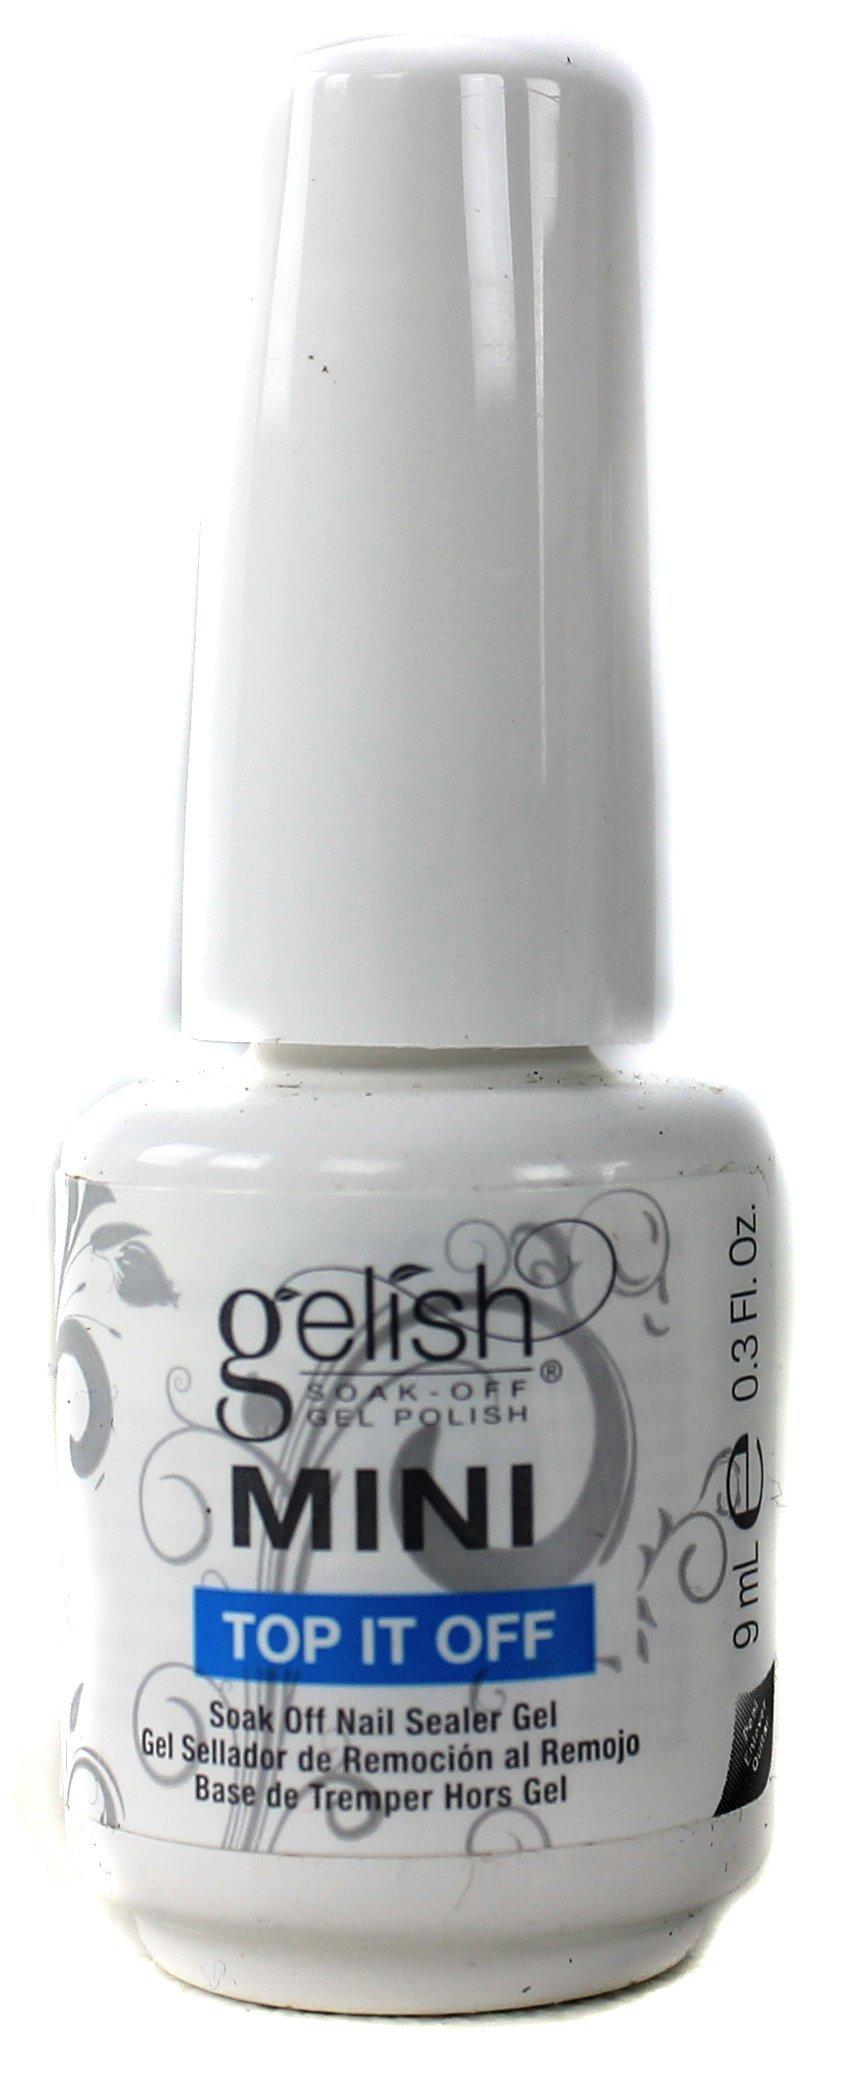 Gelish Harmony 18G Gel LED Nail Polish Curing Manicure Light Lamp + Basix Kit by Gelish (Image #5)